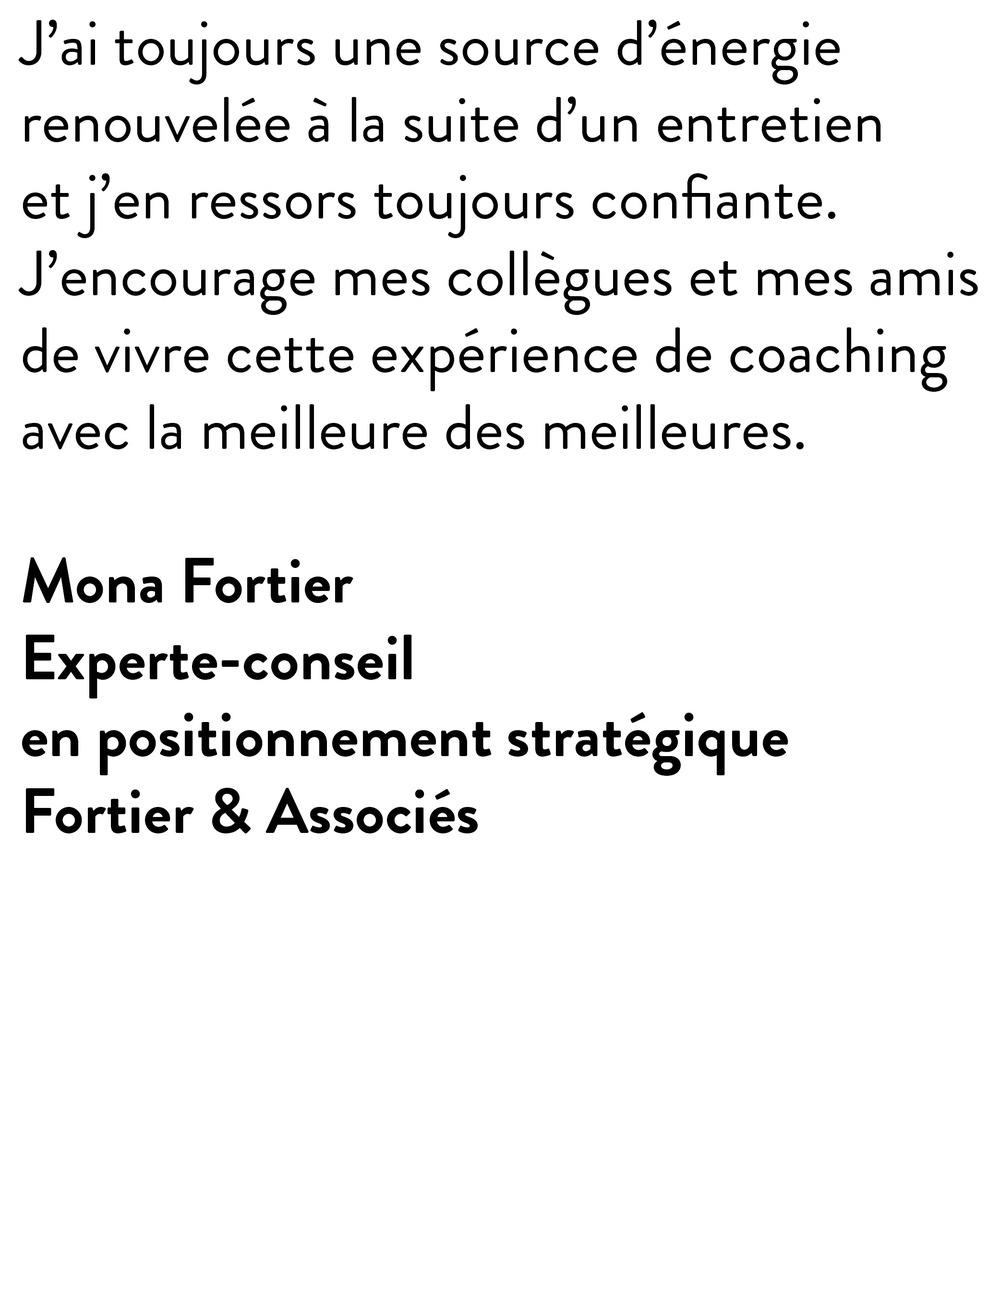 Mona_Fortier_Fortier_et_Associes_.jpg